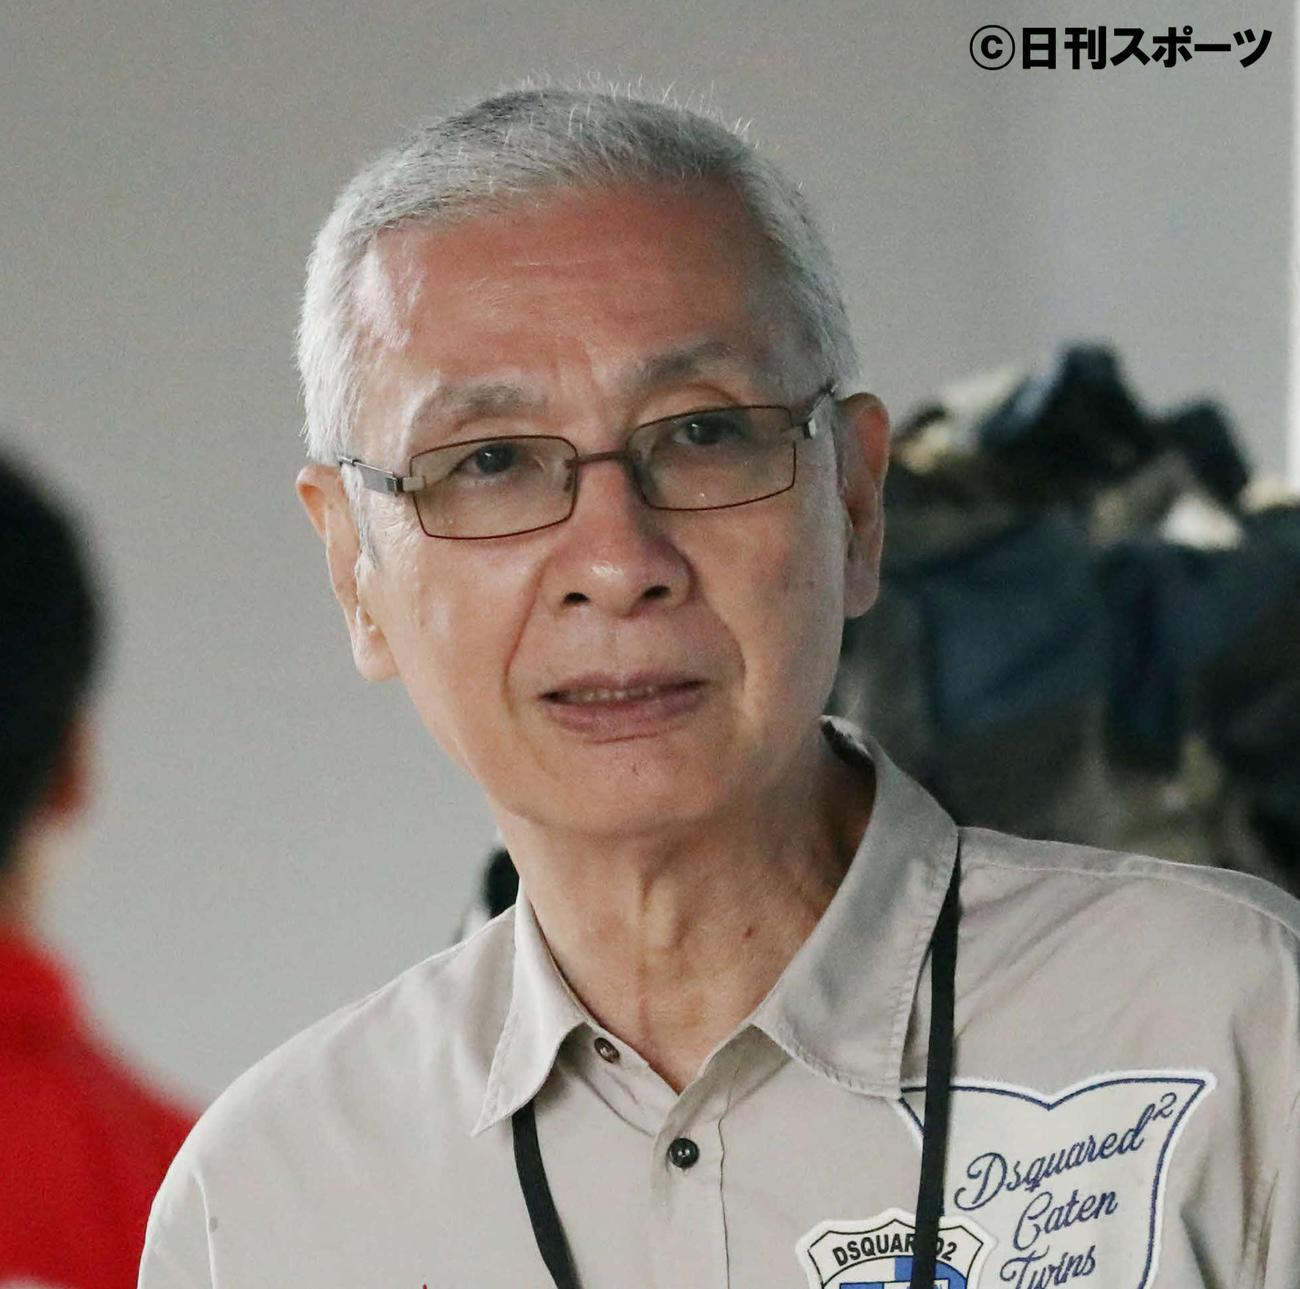 久米宏(19年2月撮影)